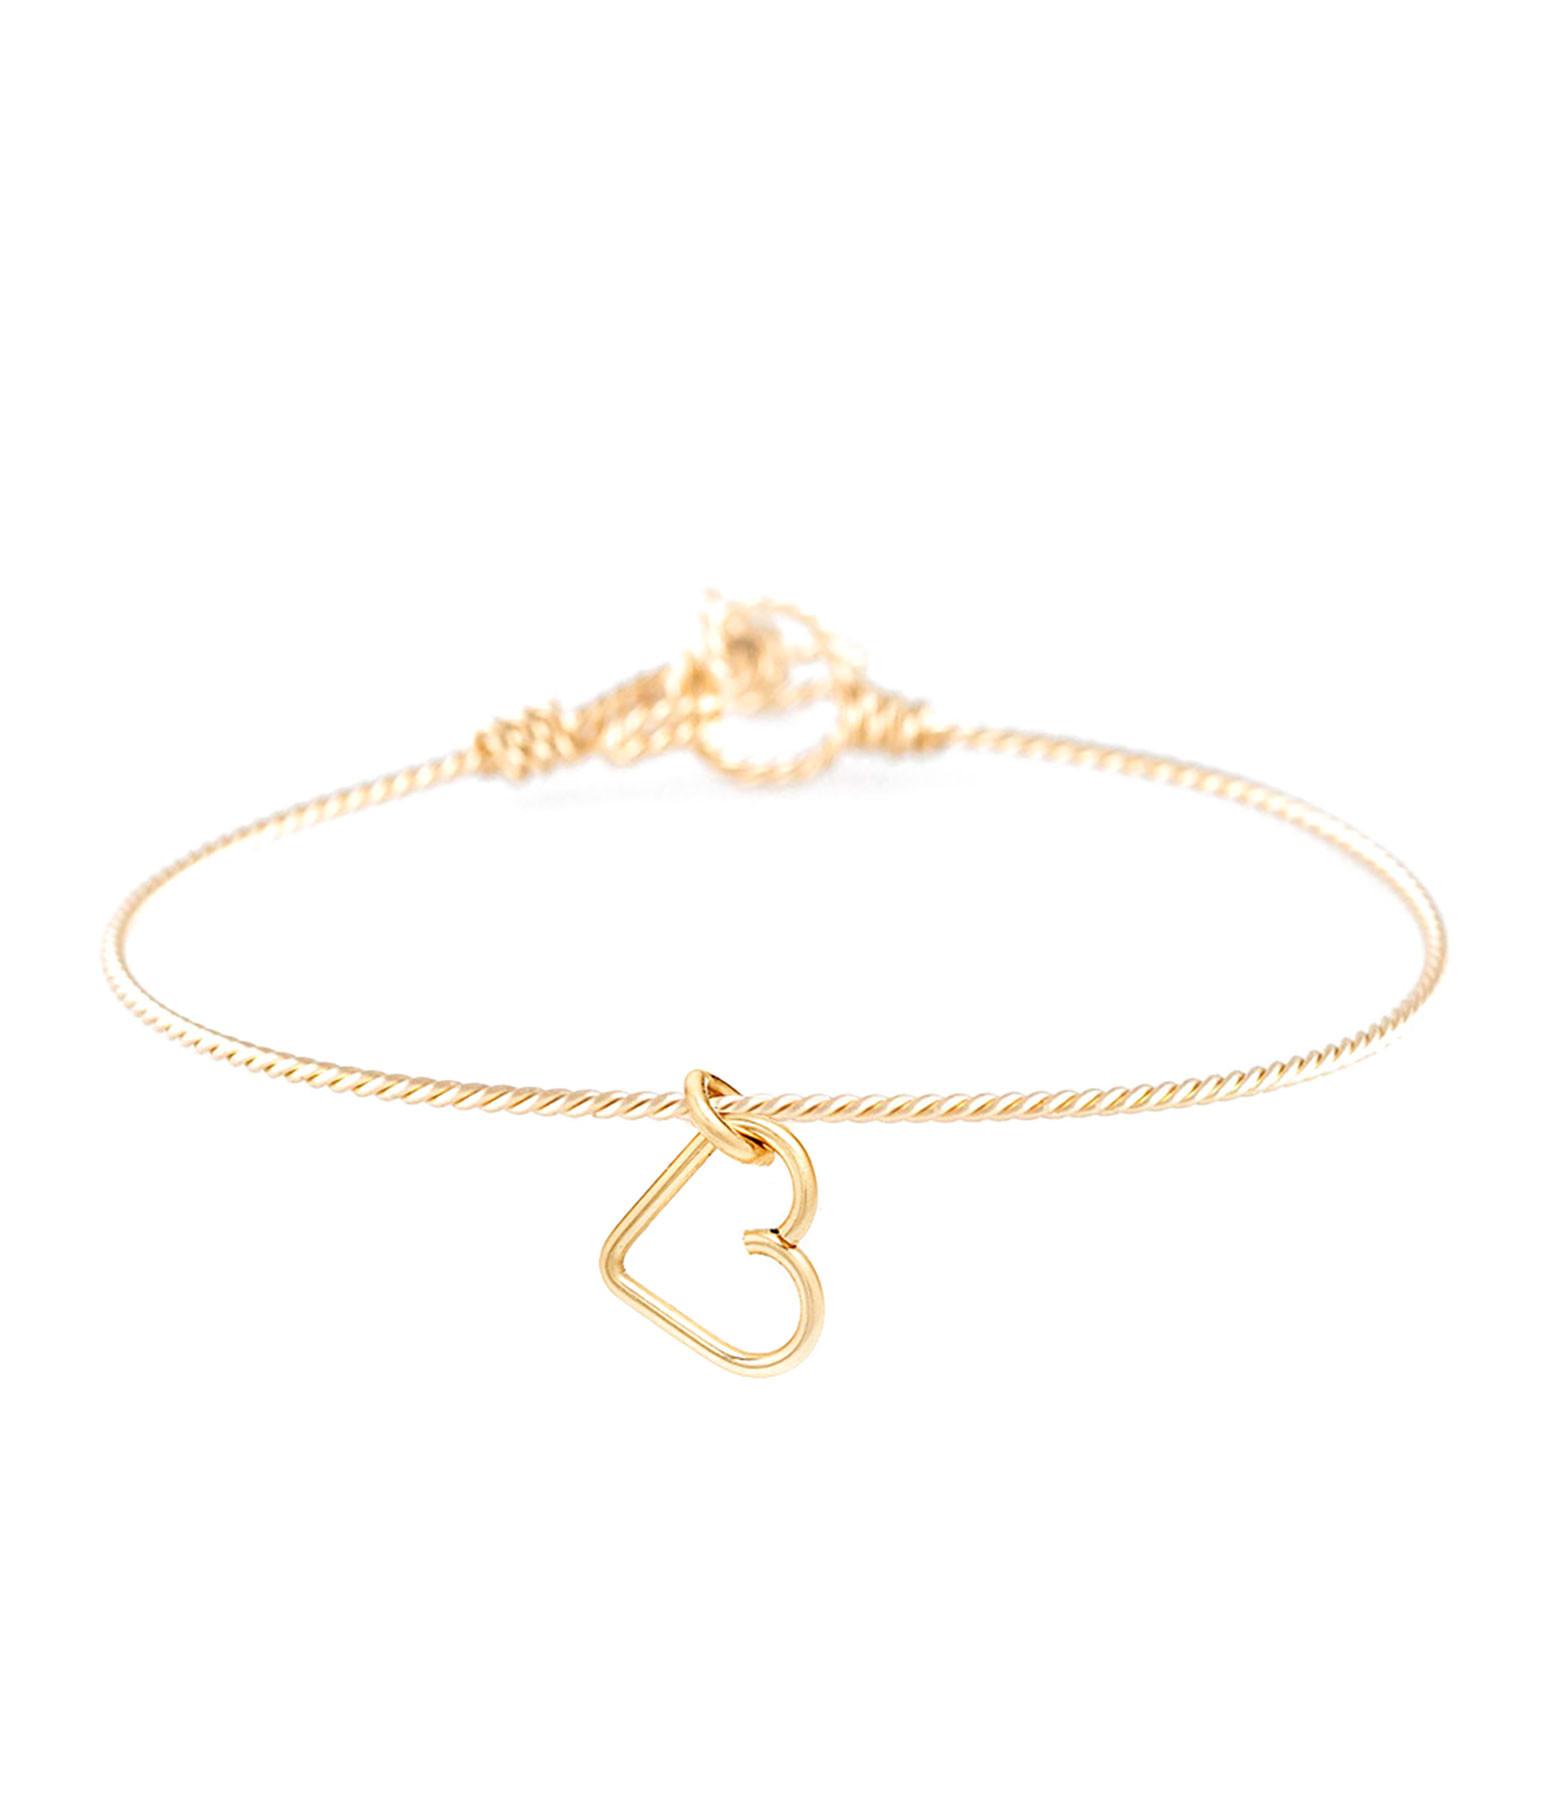 ATELIER PAULIN - Bracelet Nude Tors et Charms Cœur S Gold Filled 14K Jaune